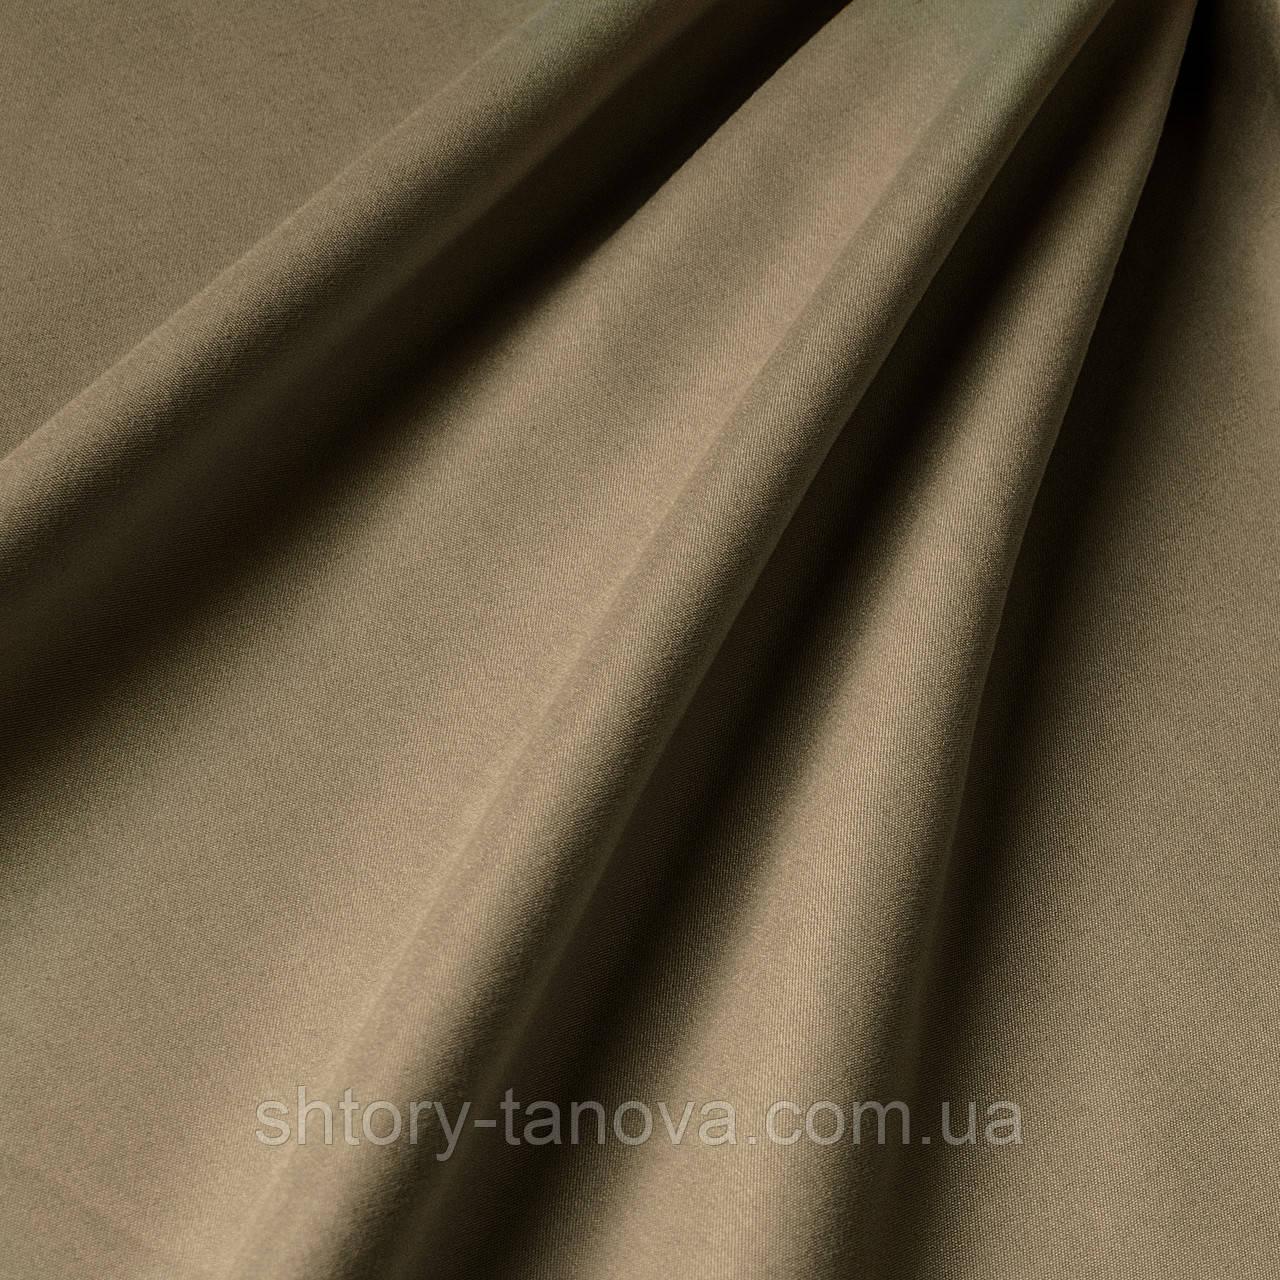 Купить подкладочную ткань для штор саржа елочкой